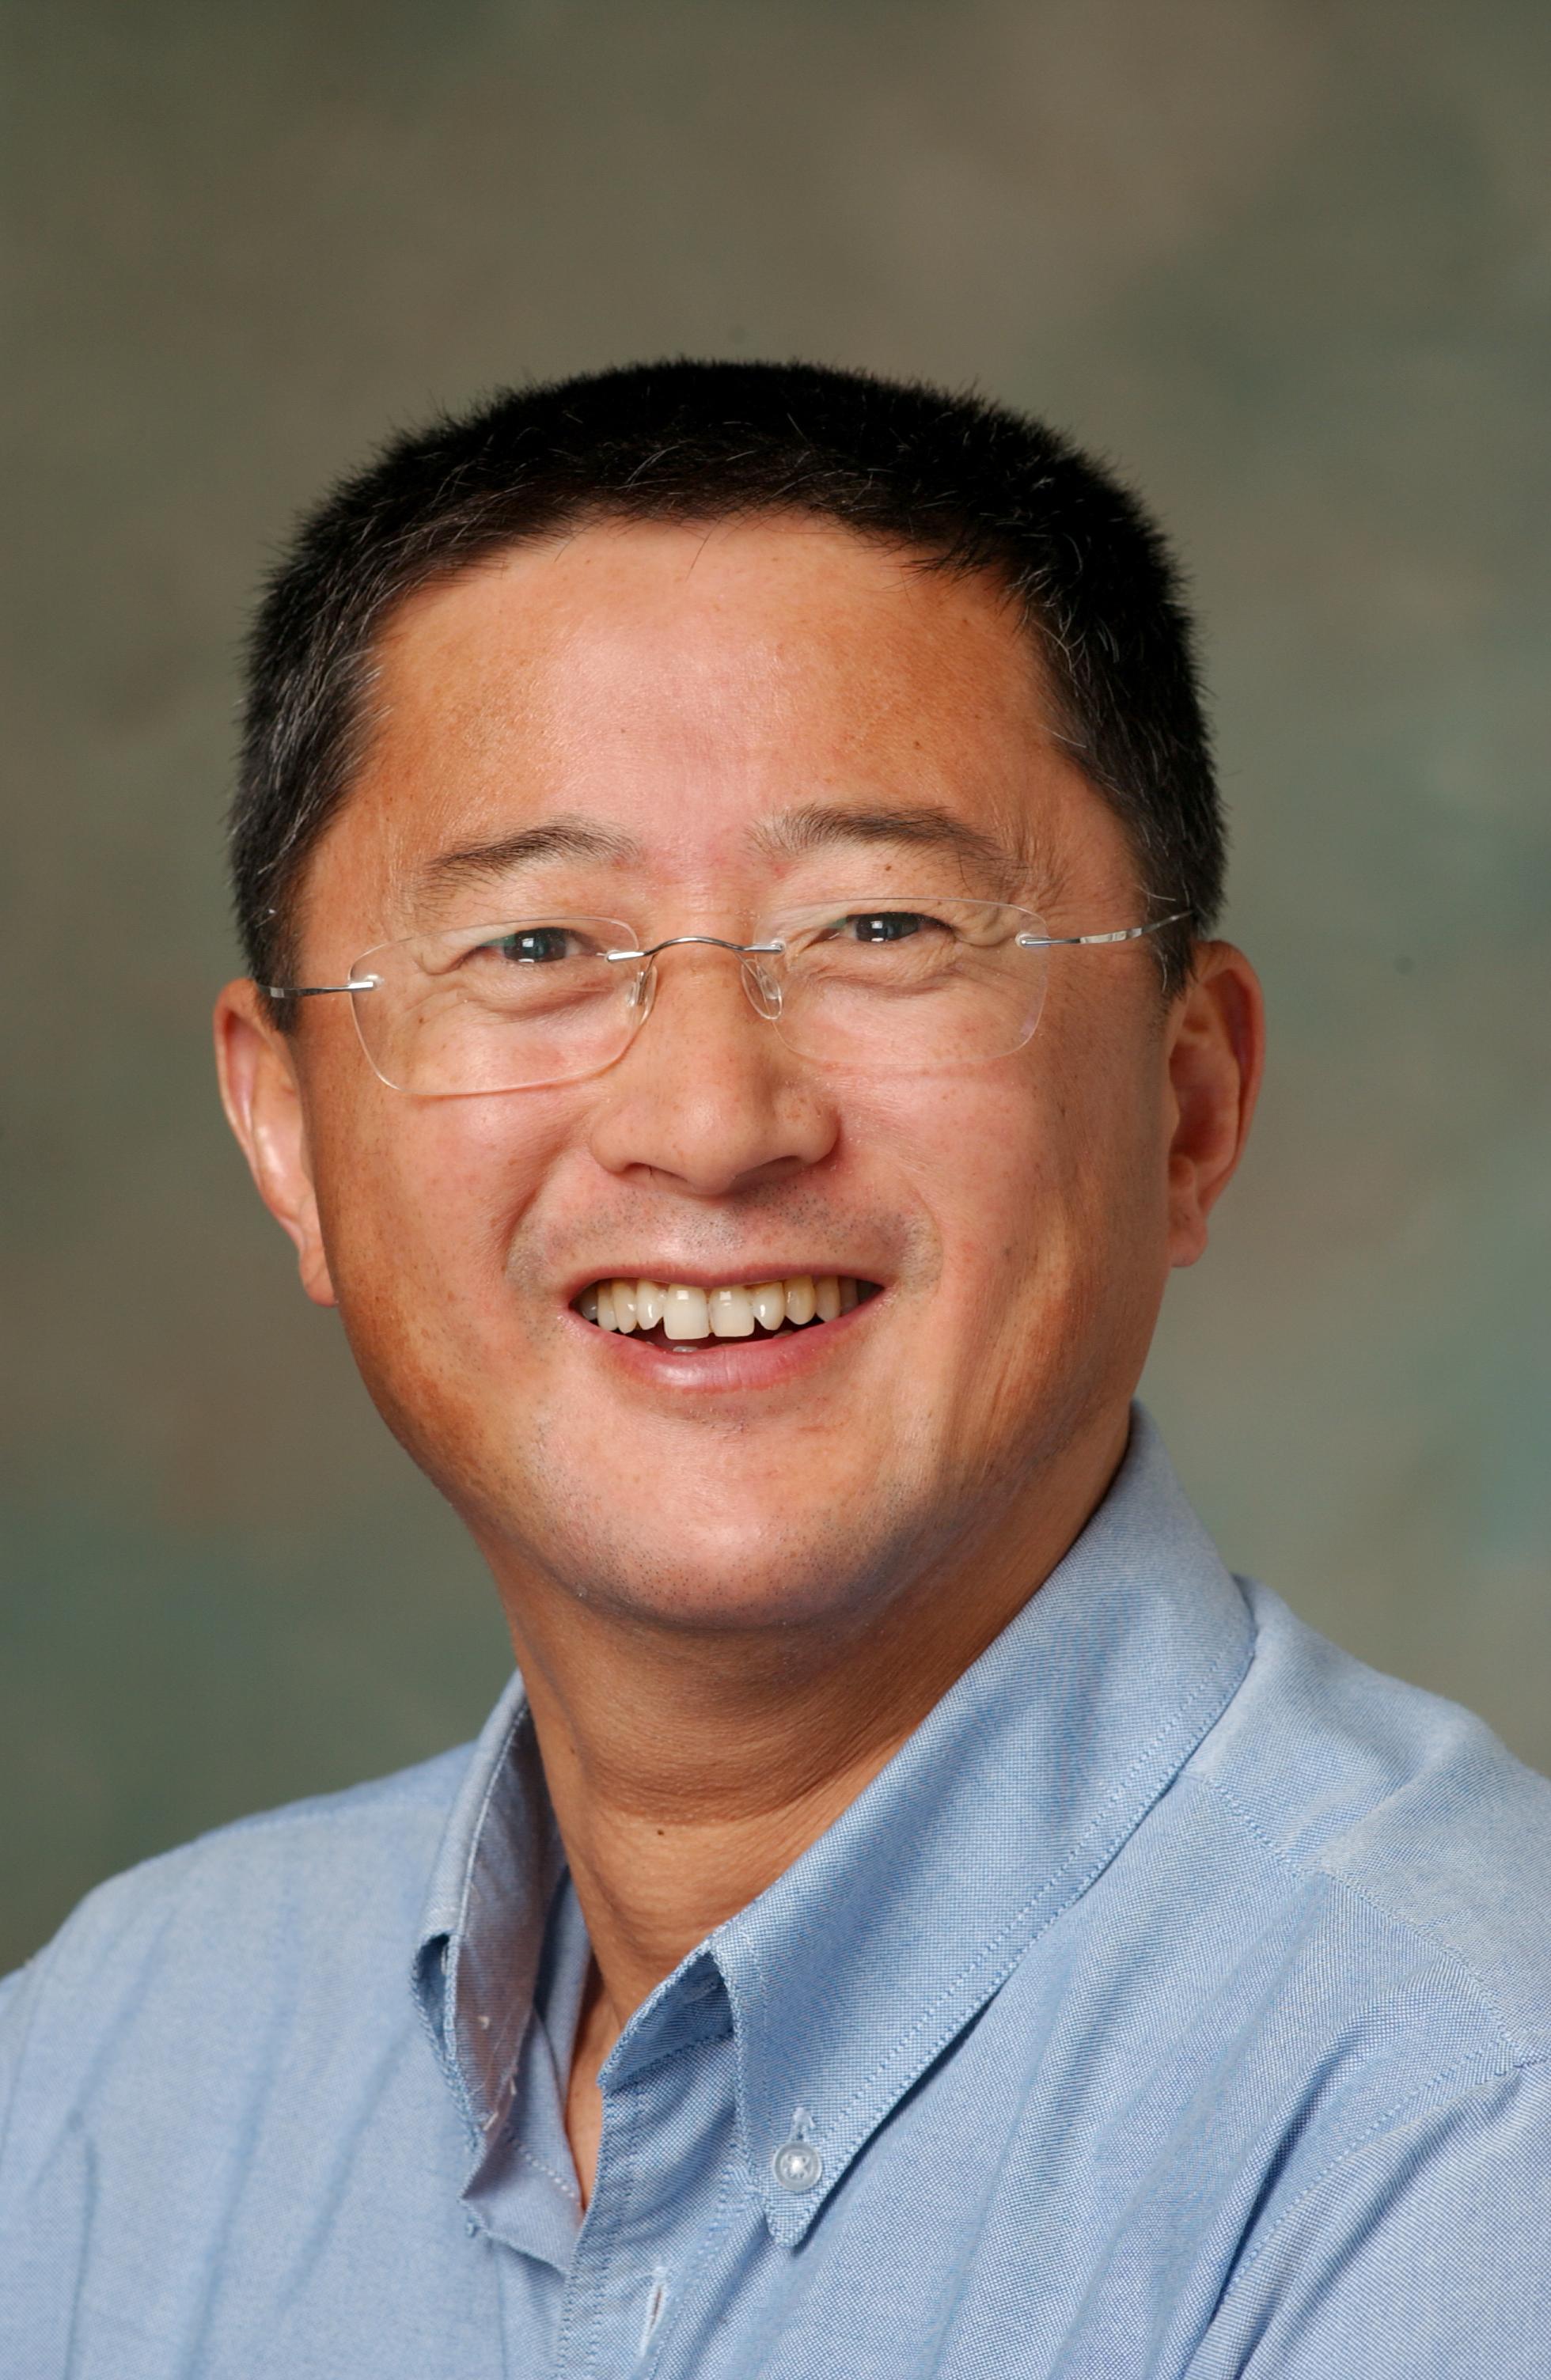 Photo of Zhongwei Song